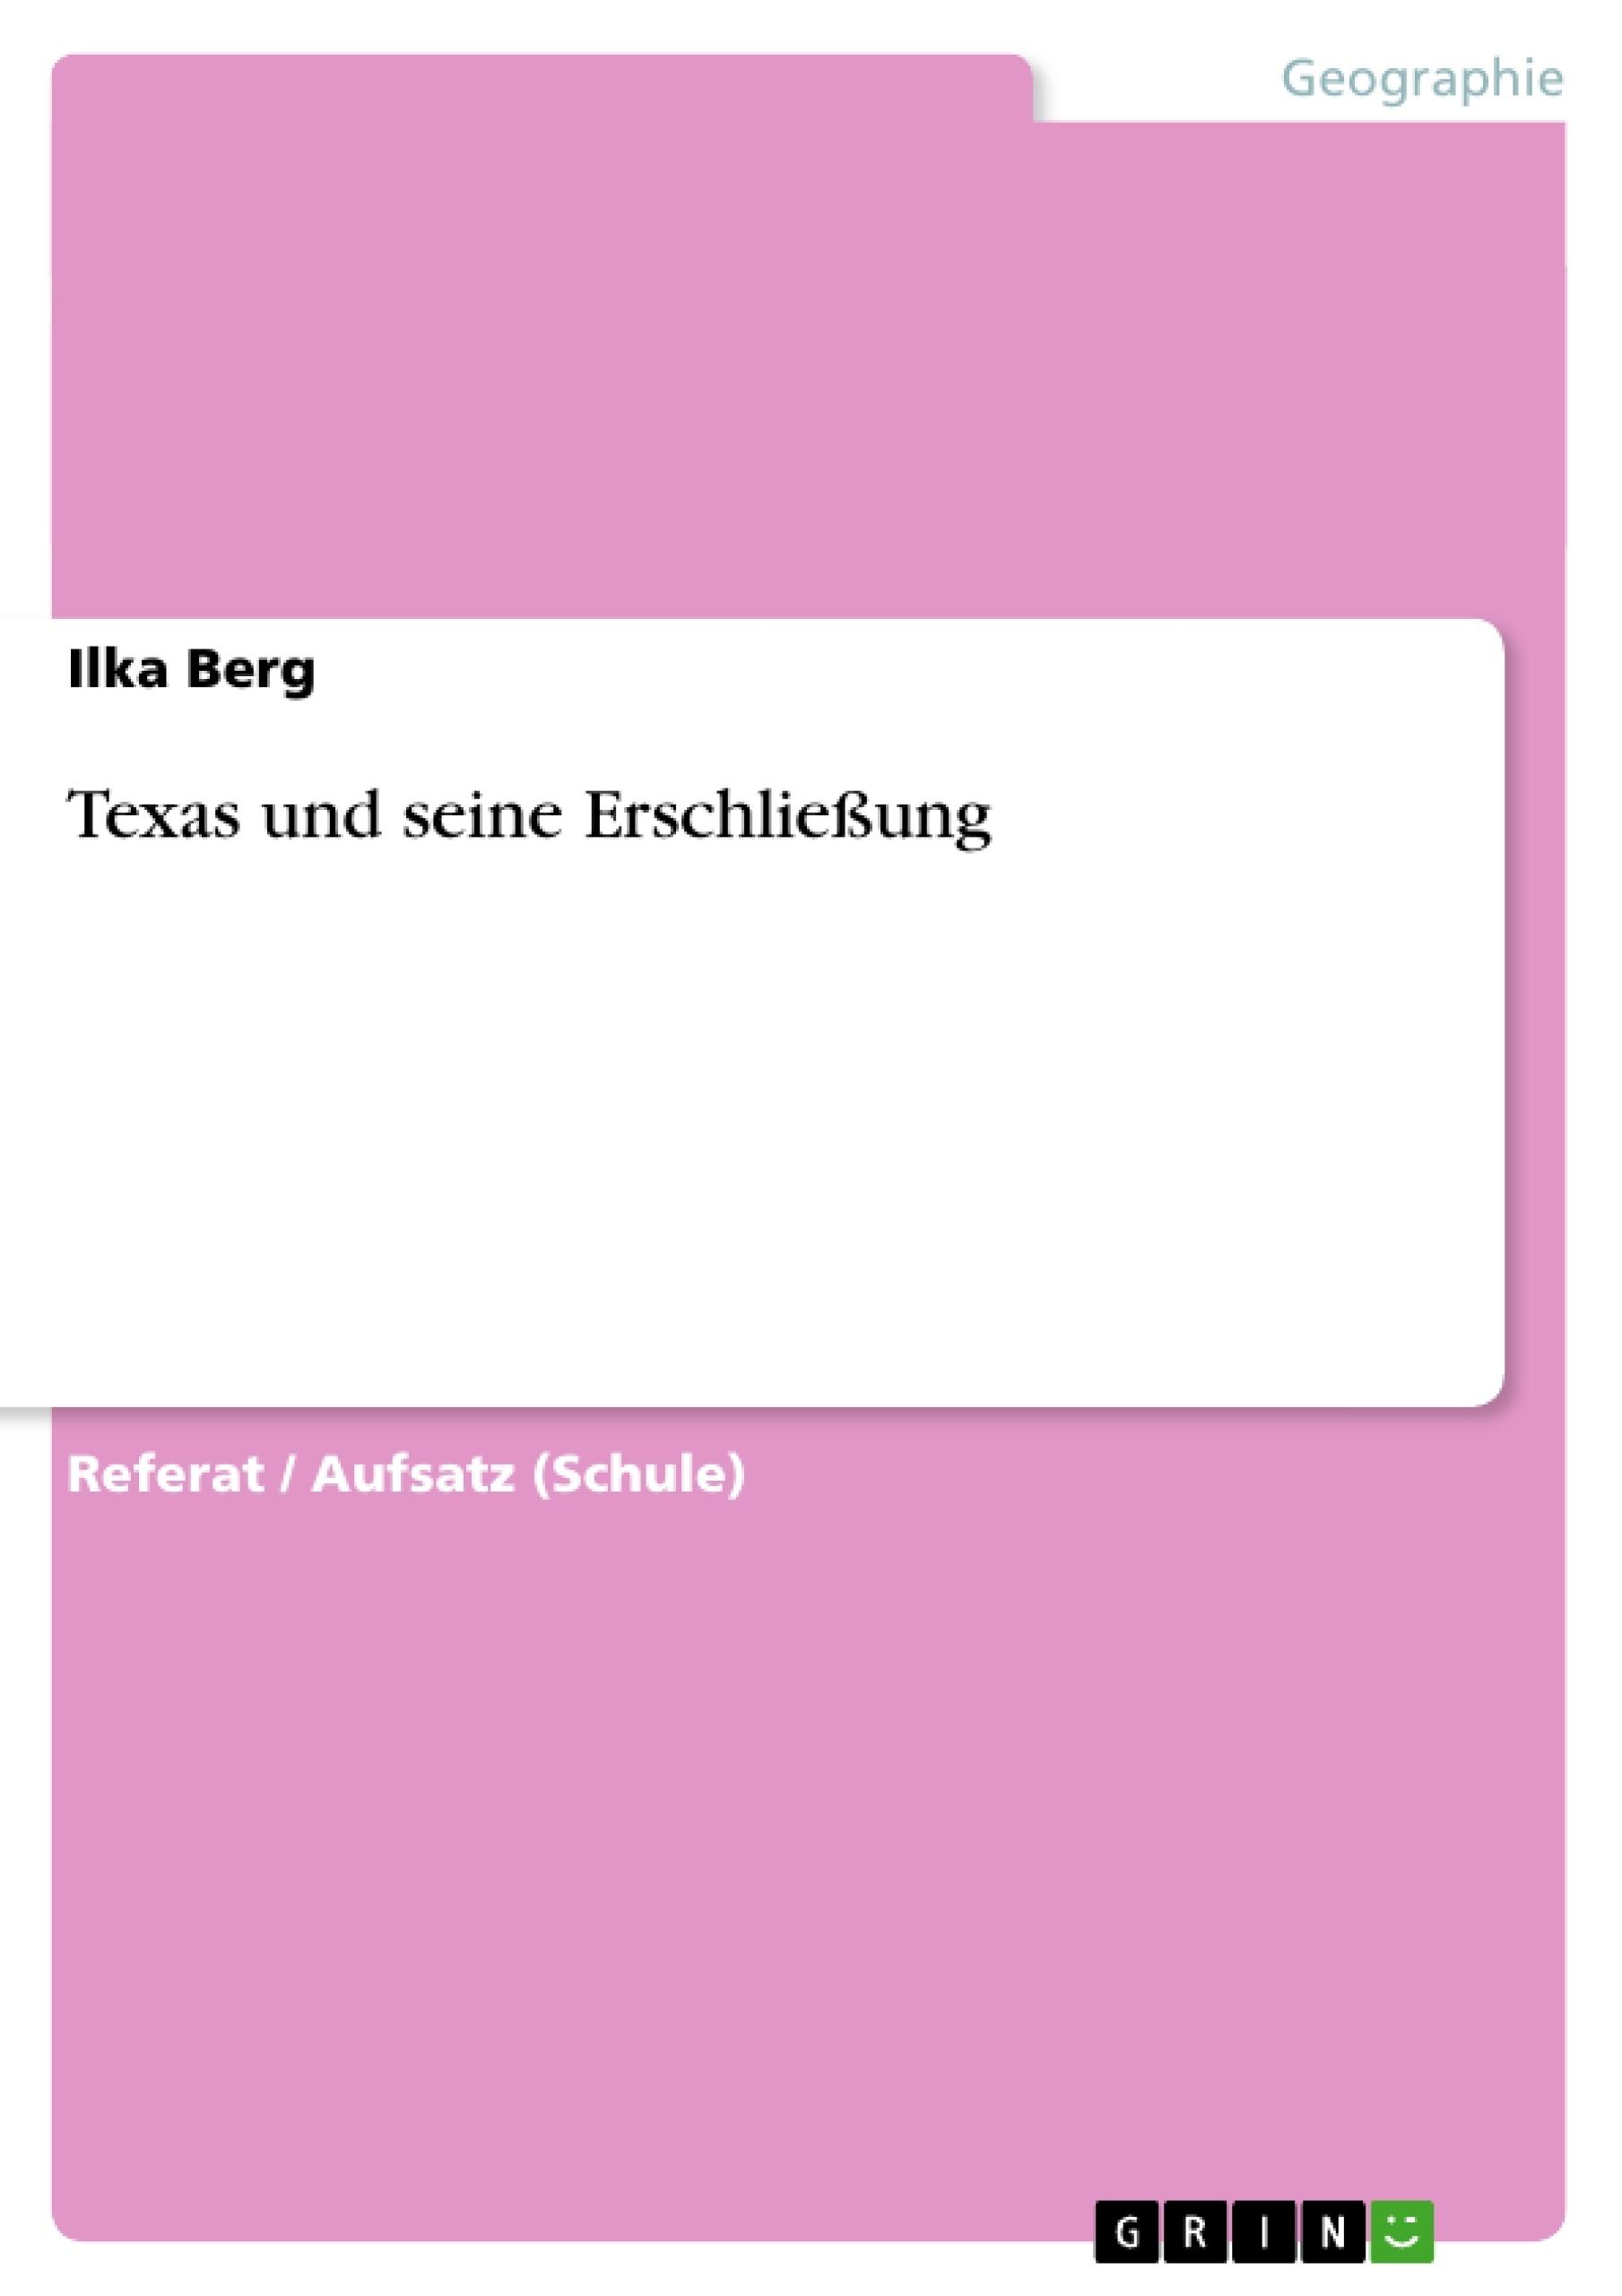 Titel: Texas und seine Erschließung